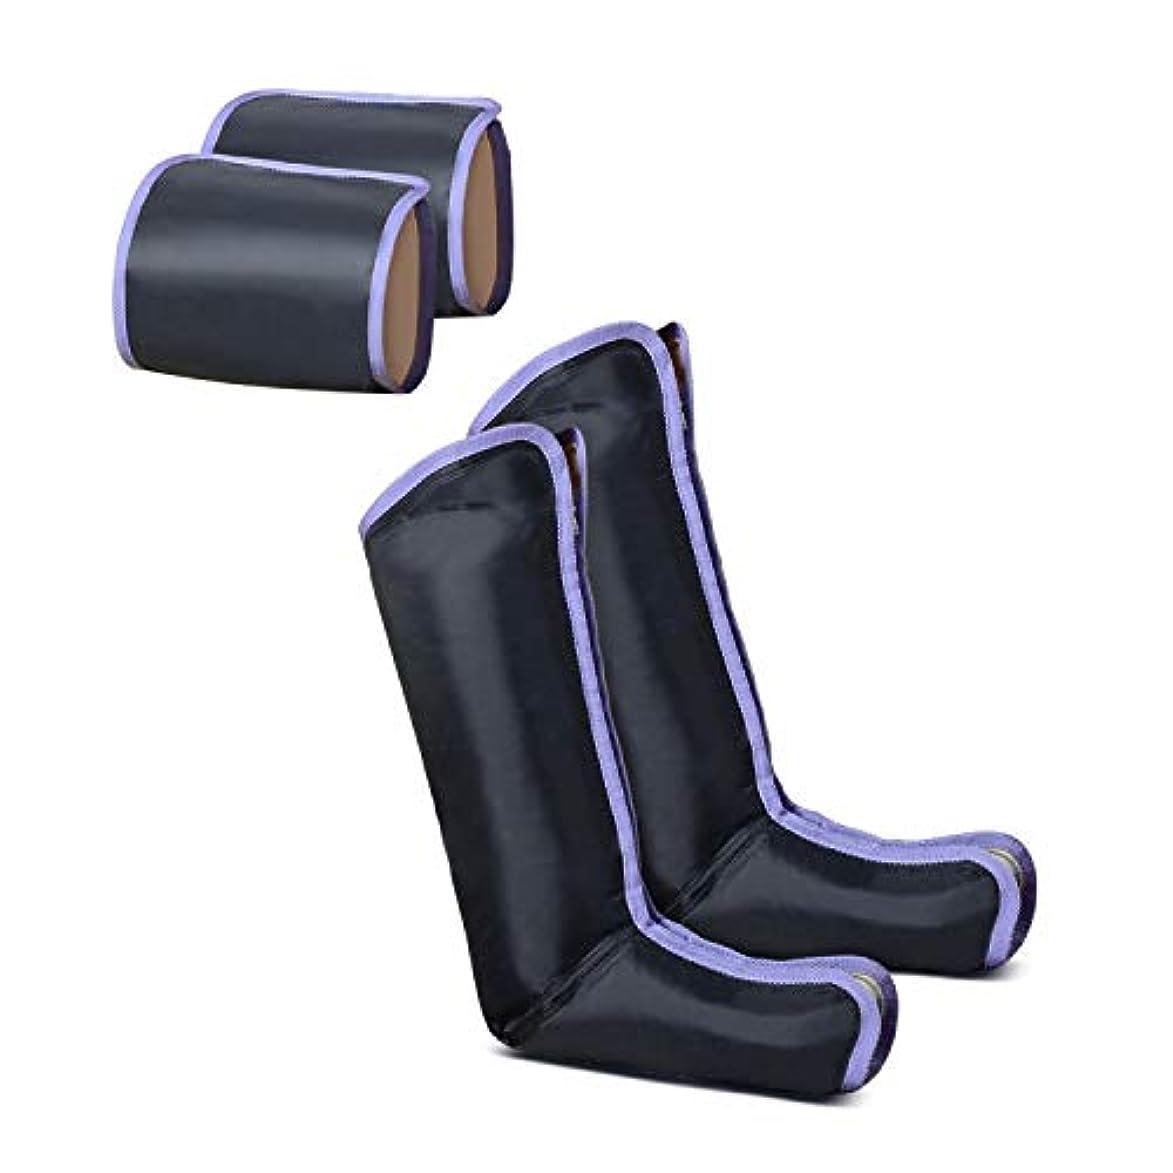 降臨誤解する醜いSOLIN フットマッサージャー エアーマッサージャー レッグリフレ レッグマッサージ 電気マッサージ機 ひざ/太もも巻き対応 疲労の回復 血行の促進 贈り物